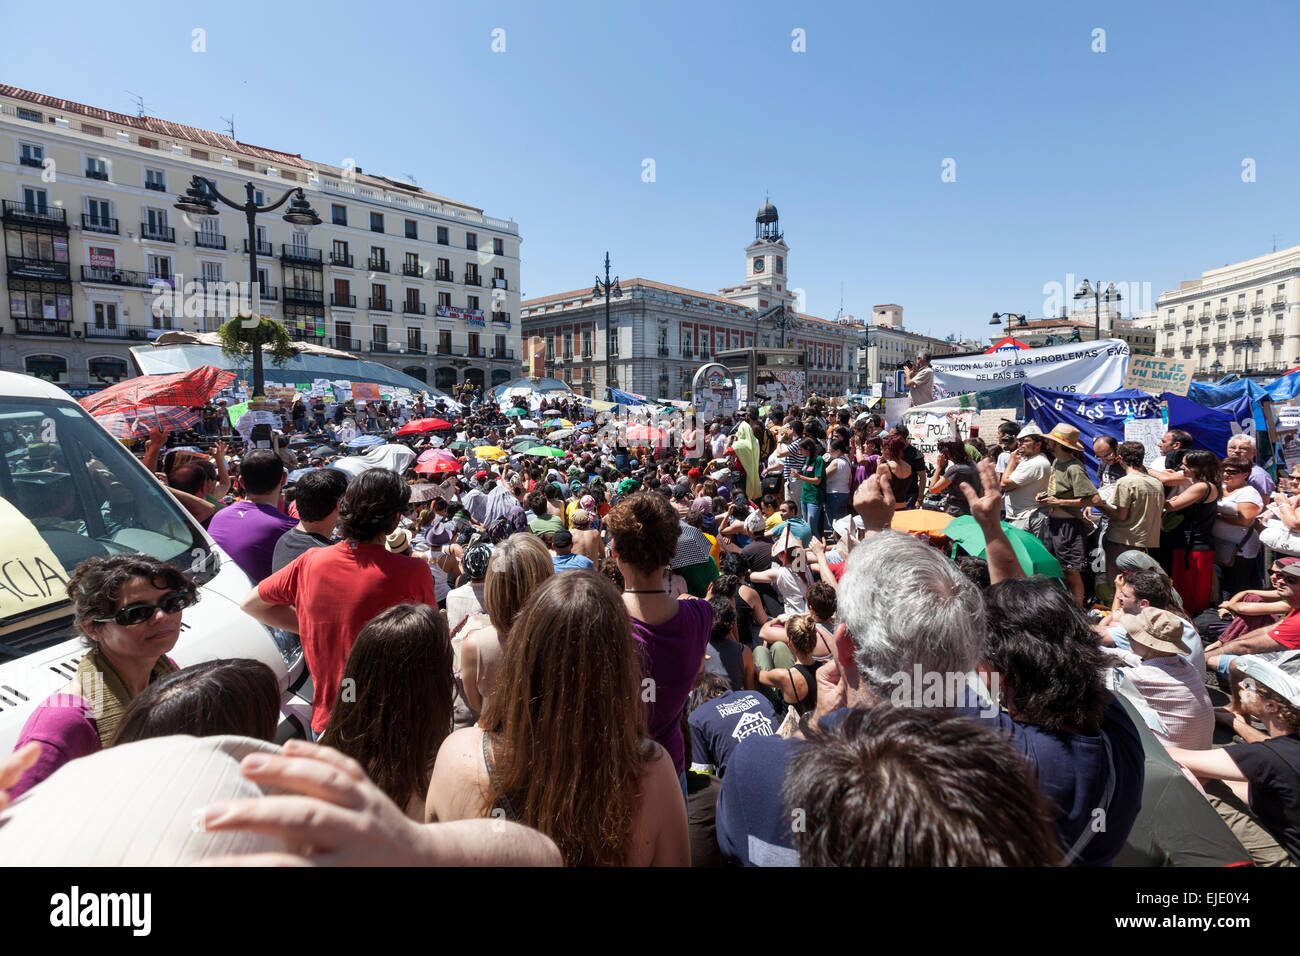 puerta-del-sol-anti-austerity-movement-i